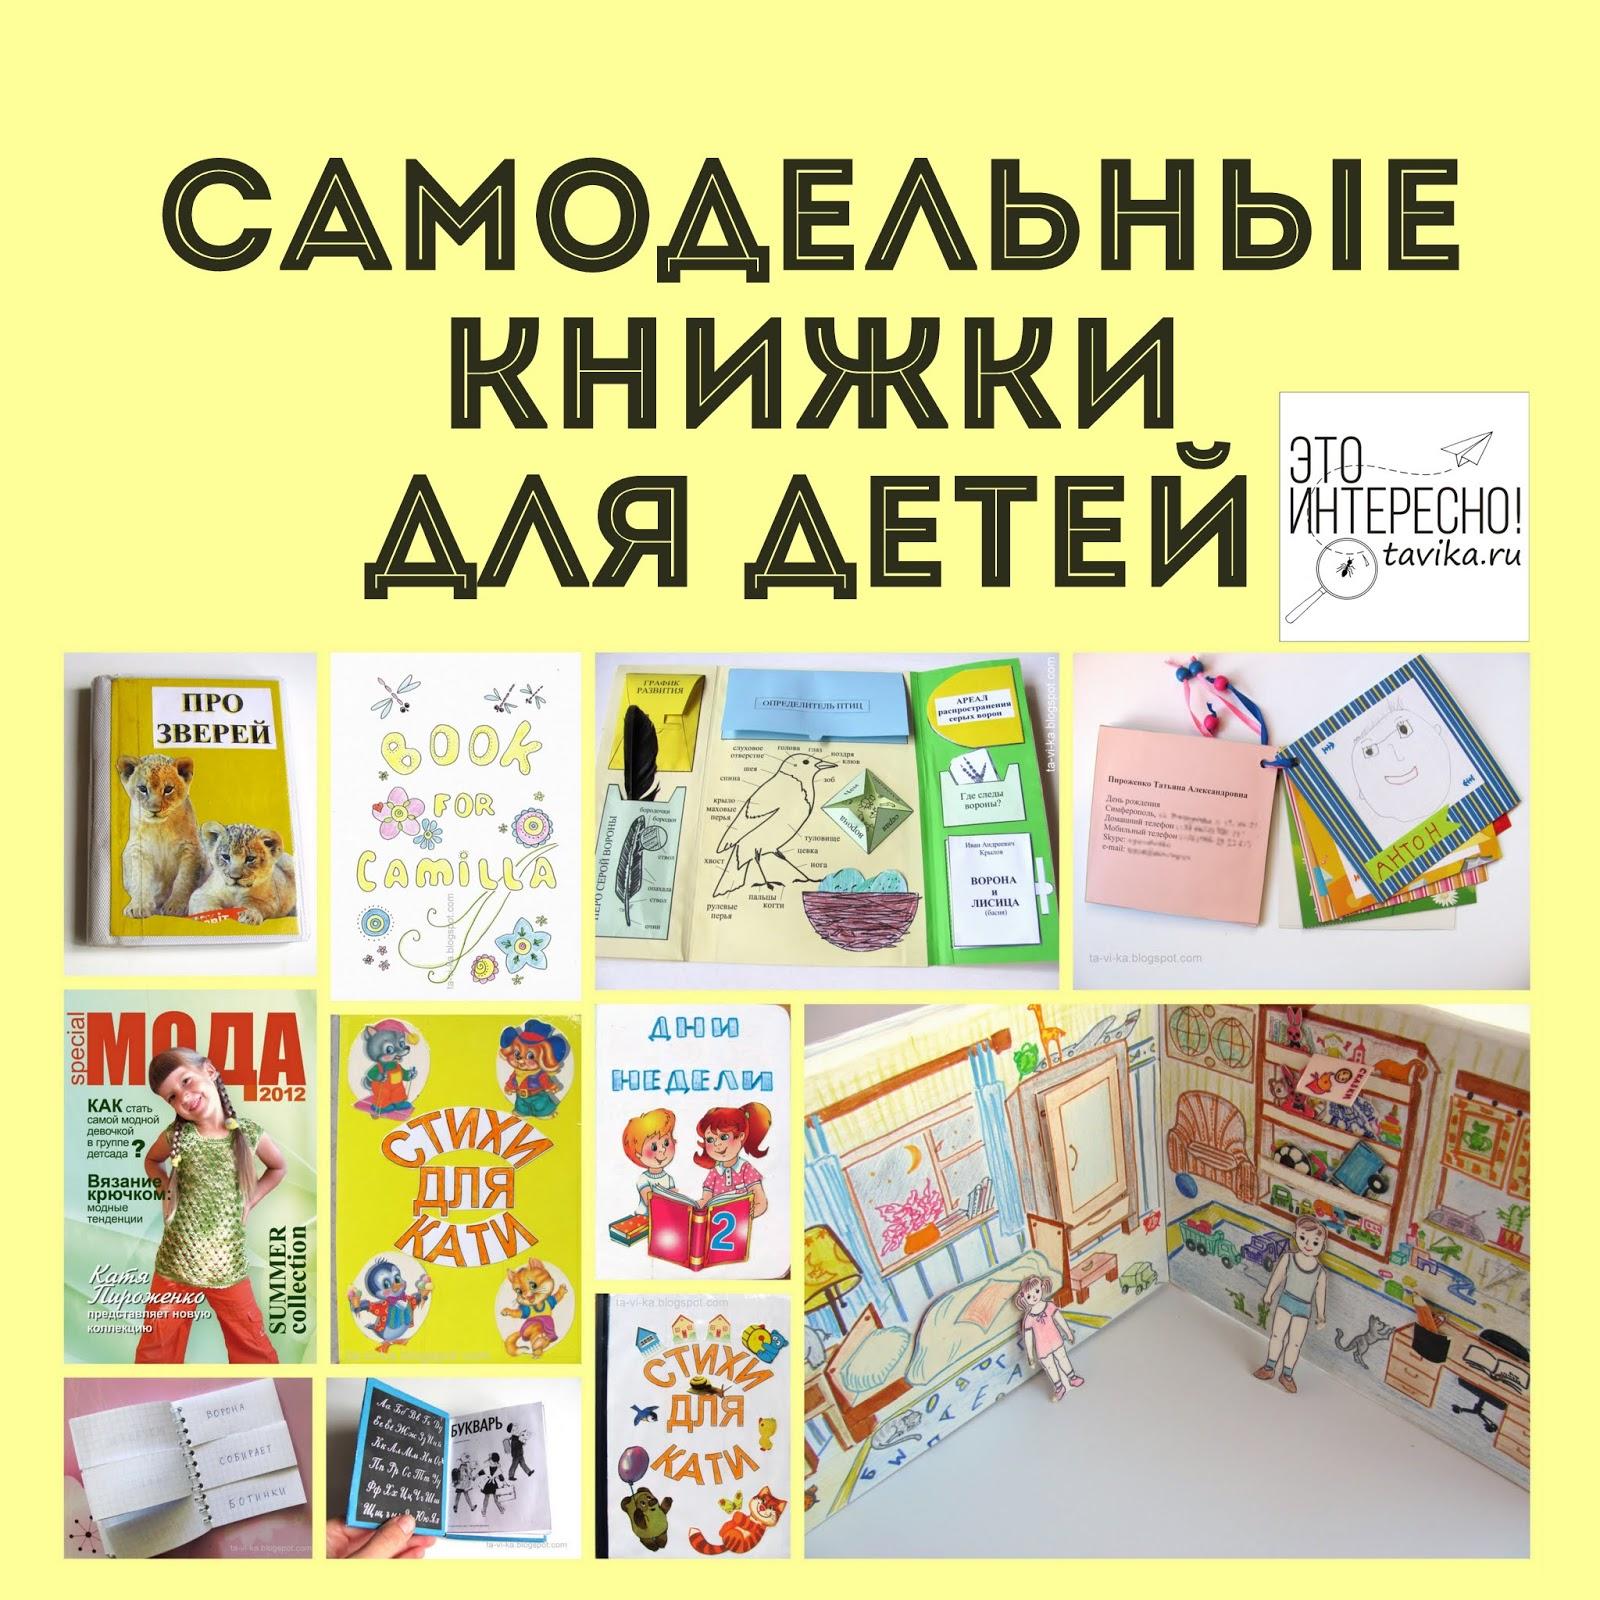 Как сделать книгу для ребёнка своими руками